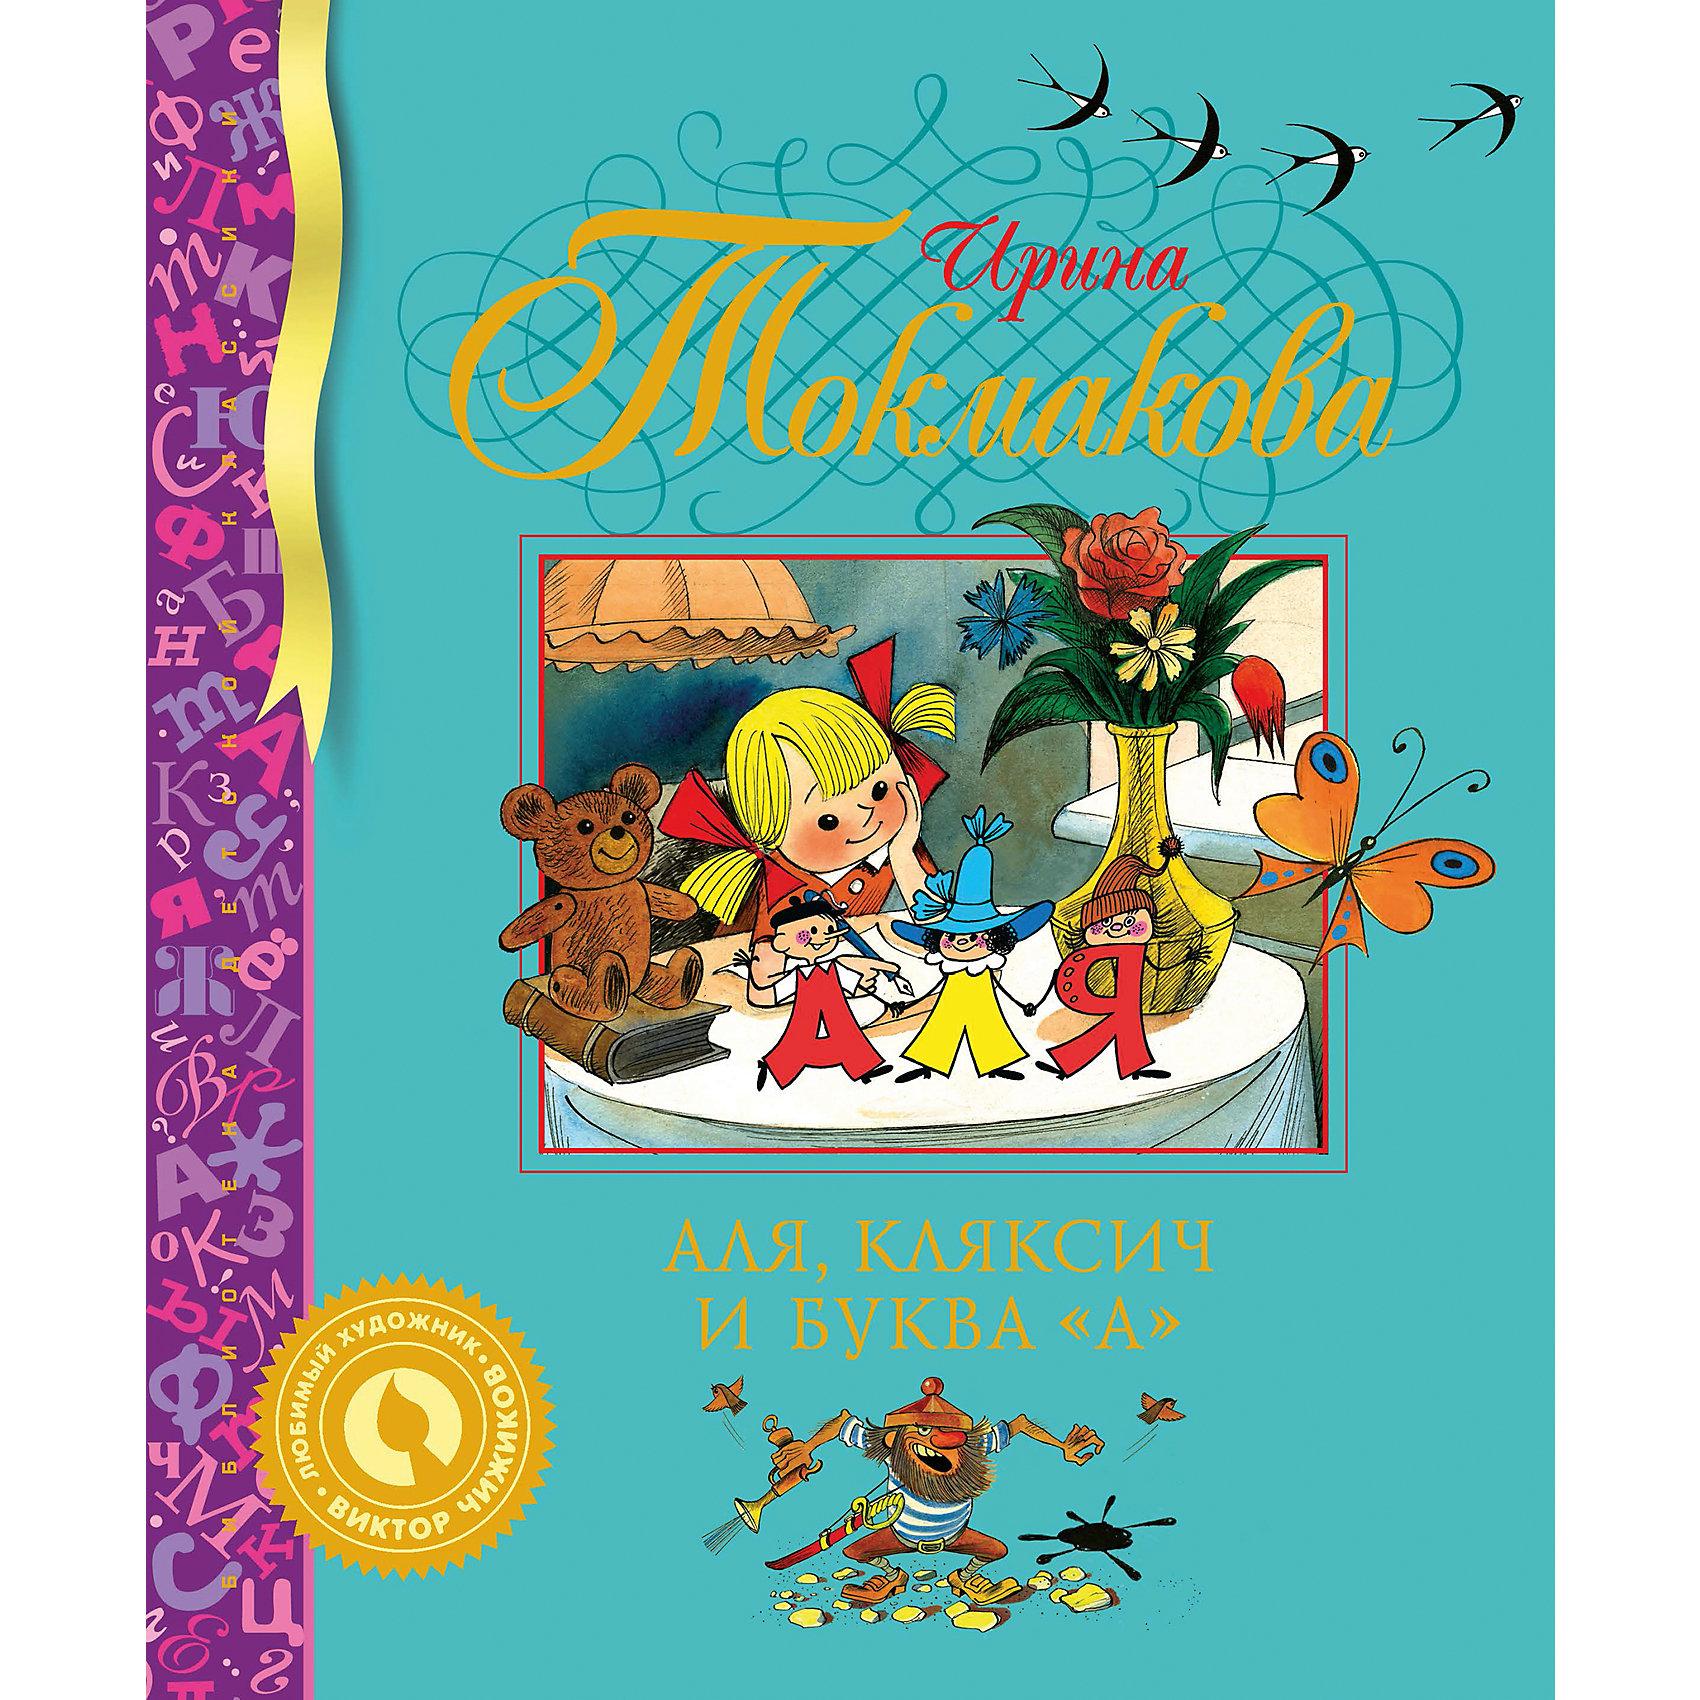 Аля, Кляксич и буква А, И. ТокмаковаТокмакова - известная детская поэтесса и писательница, лауреат Государственной премии России. Её произведения давно стали частью сокровищницы мировой детской литературы, их читает и перечитывает не одно поколение читателей.<br><br>Замечательная сказочная повесть Аля, Кляксич и буква А приглашает ребят в волшебную страну - Азбуку. Юные читатели познакомятся с буквами русского алфавита, помогут девочке Але победить коварного Кляксича и спасти букву Я!<br><br>Удивительно трогательные и тёплые стихи Токмаковой, её рассказы и повести очень близки и понятны детям.<br><br>Ширина мм: 235<br>Глубина мм: 195<br>Высота мм: 9<br>Вес г: 322<br>Возраст от месяцев: 84<br>Возраст до месяцев: 120<br>Пол: Унисекс<br>Возраст: Детский<br>SKU: 4818040